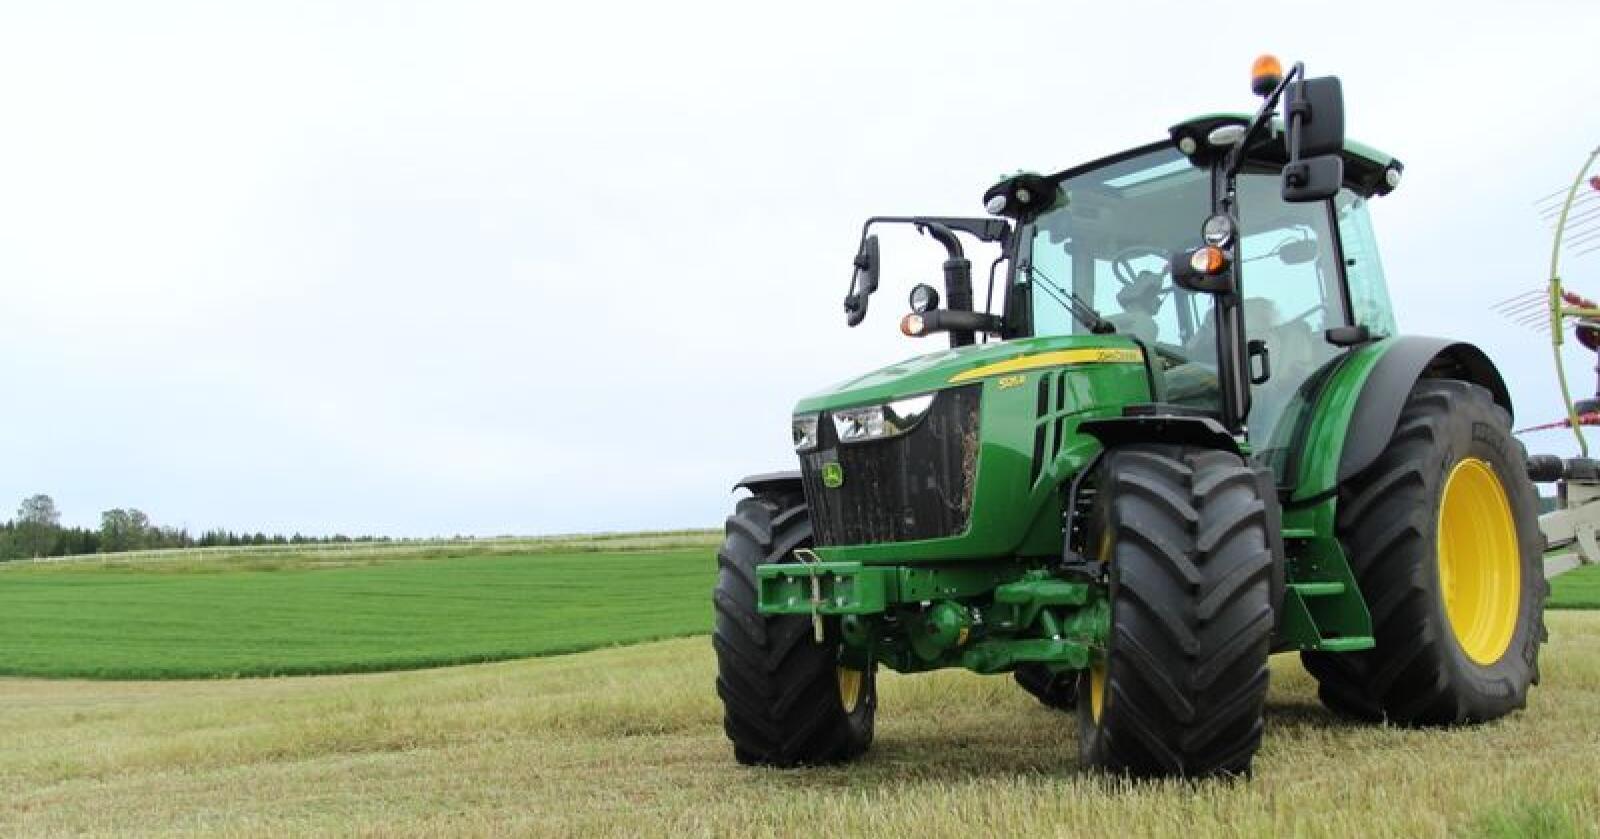 Oppgradert: John Deeres 5R-serie får nå flere tilvalgsmuligheter. Her fra vår prøvekjøring av 5125R i 2017. Arkivfoto: Traktor